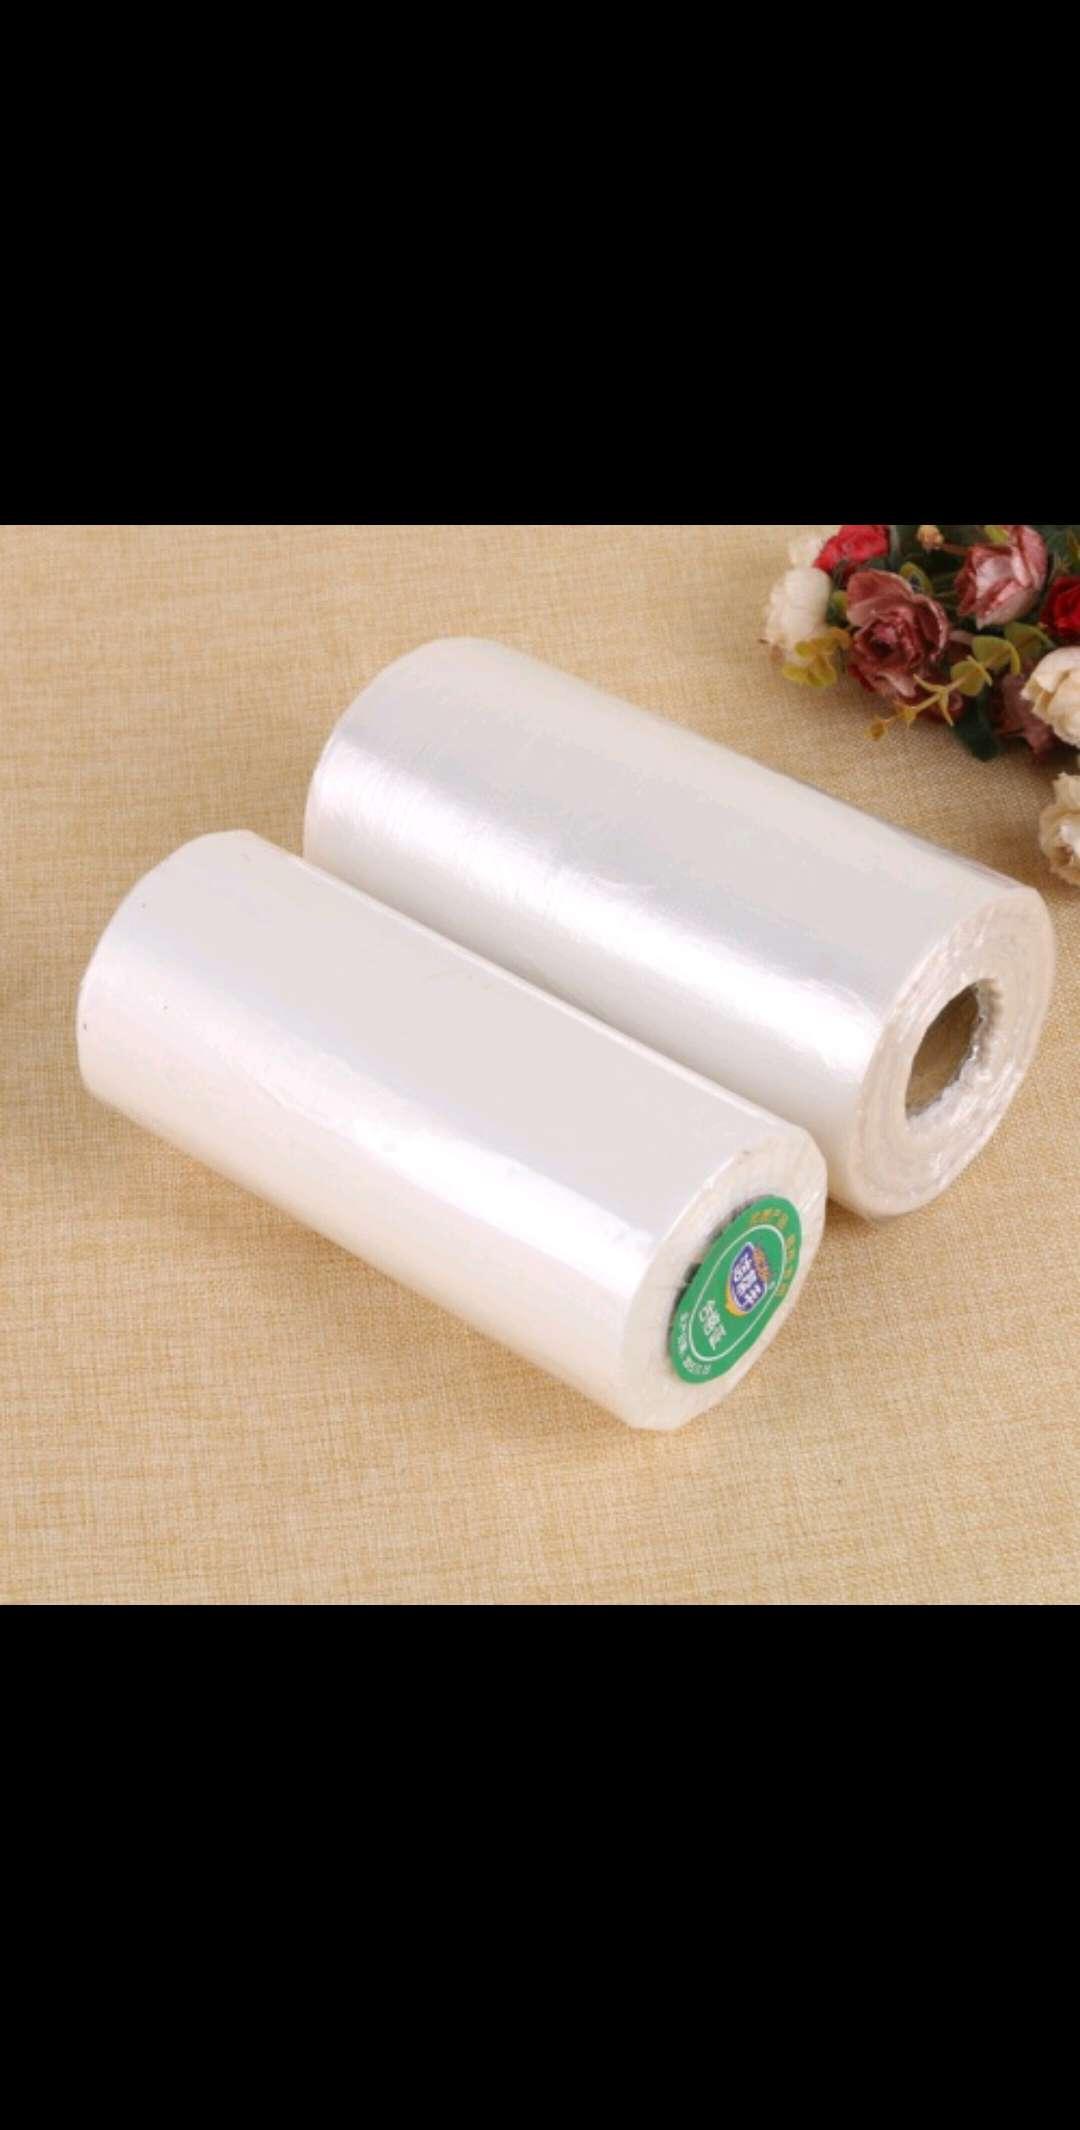 保鲜袋,保鲜膜,超市连袋每款有3种尺寸